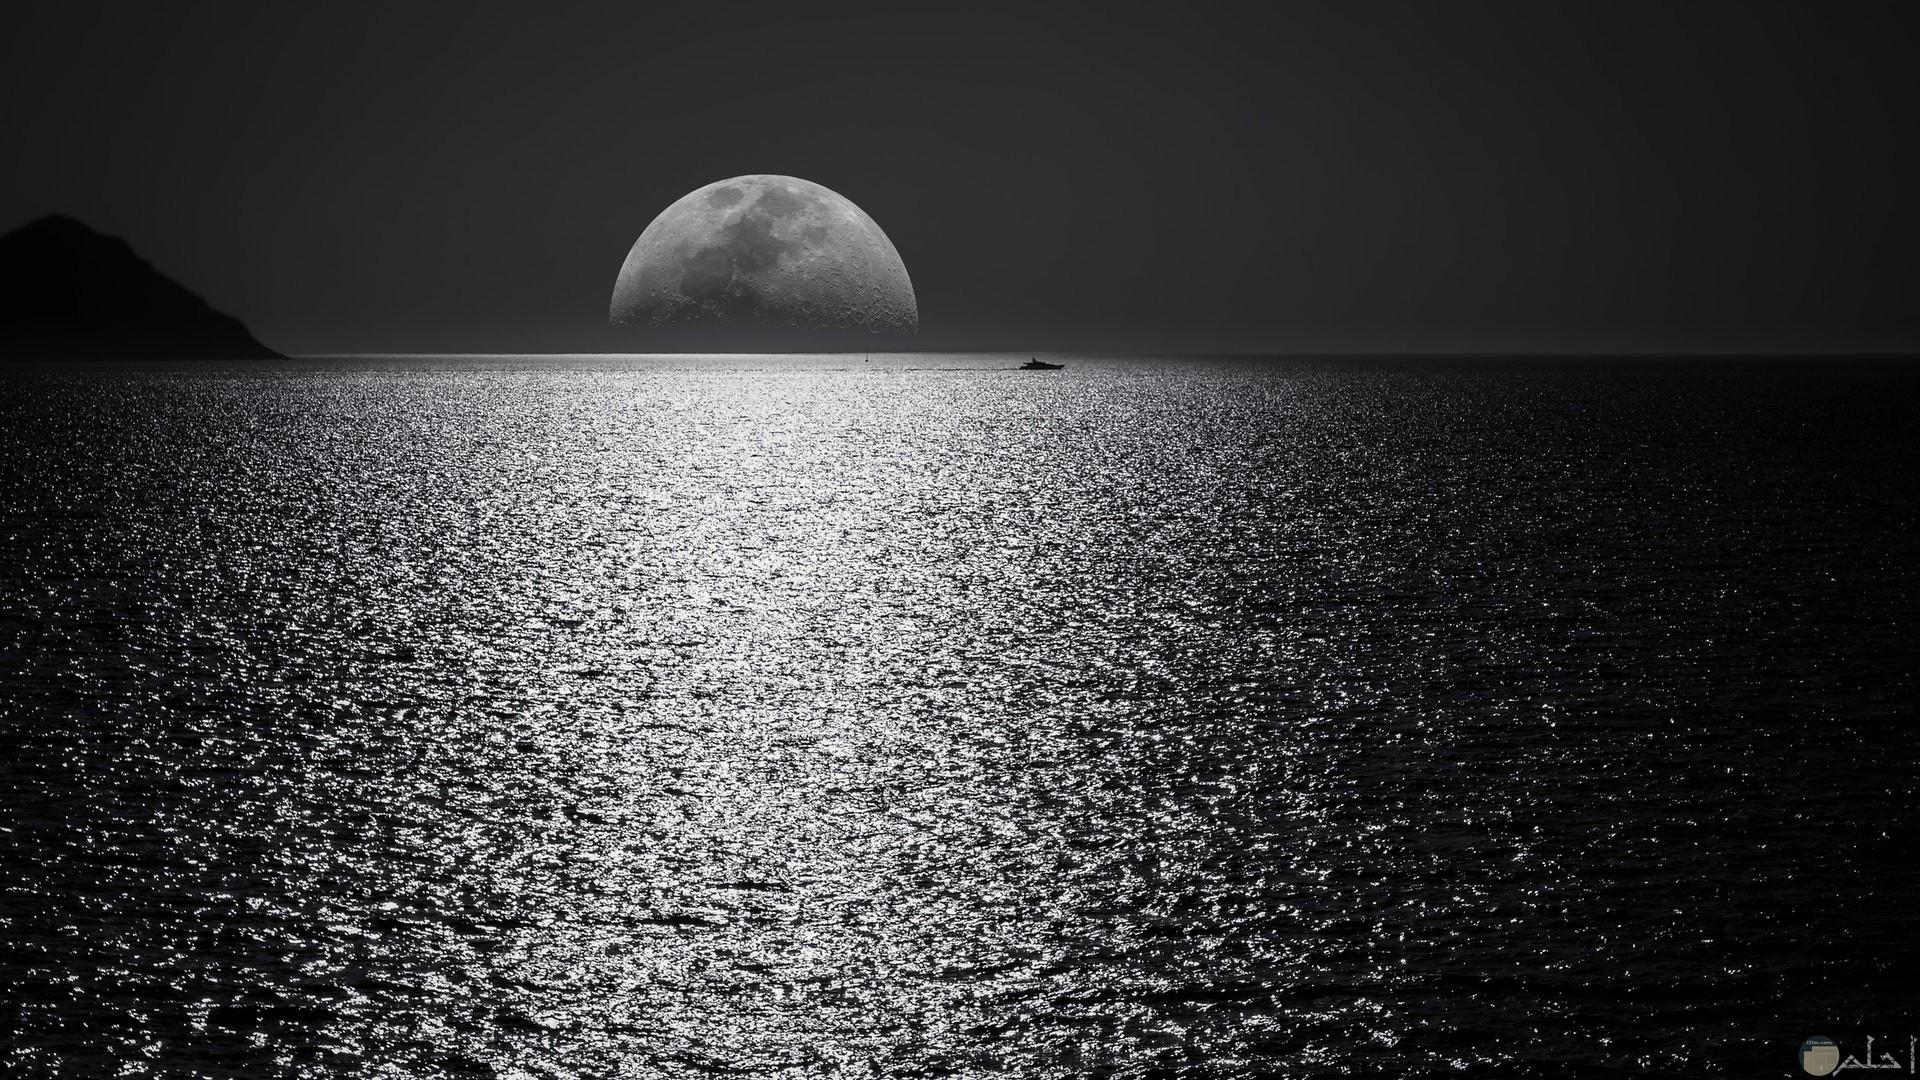 صورة جميلة باللون الأبيض والأسود للقمر والبحر مميزة جدا